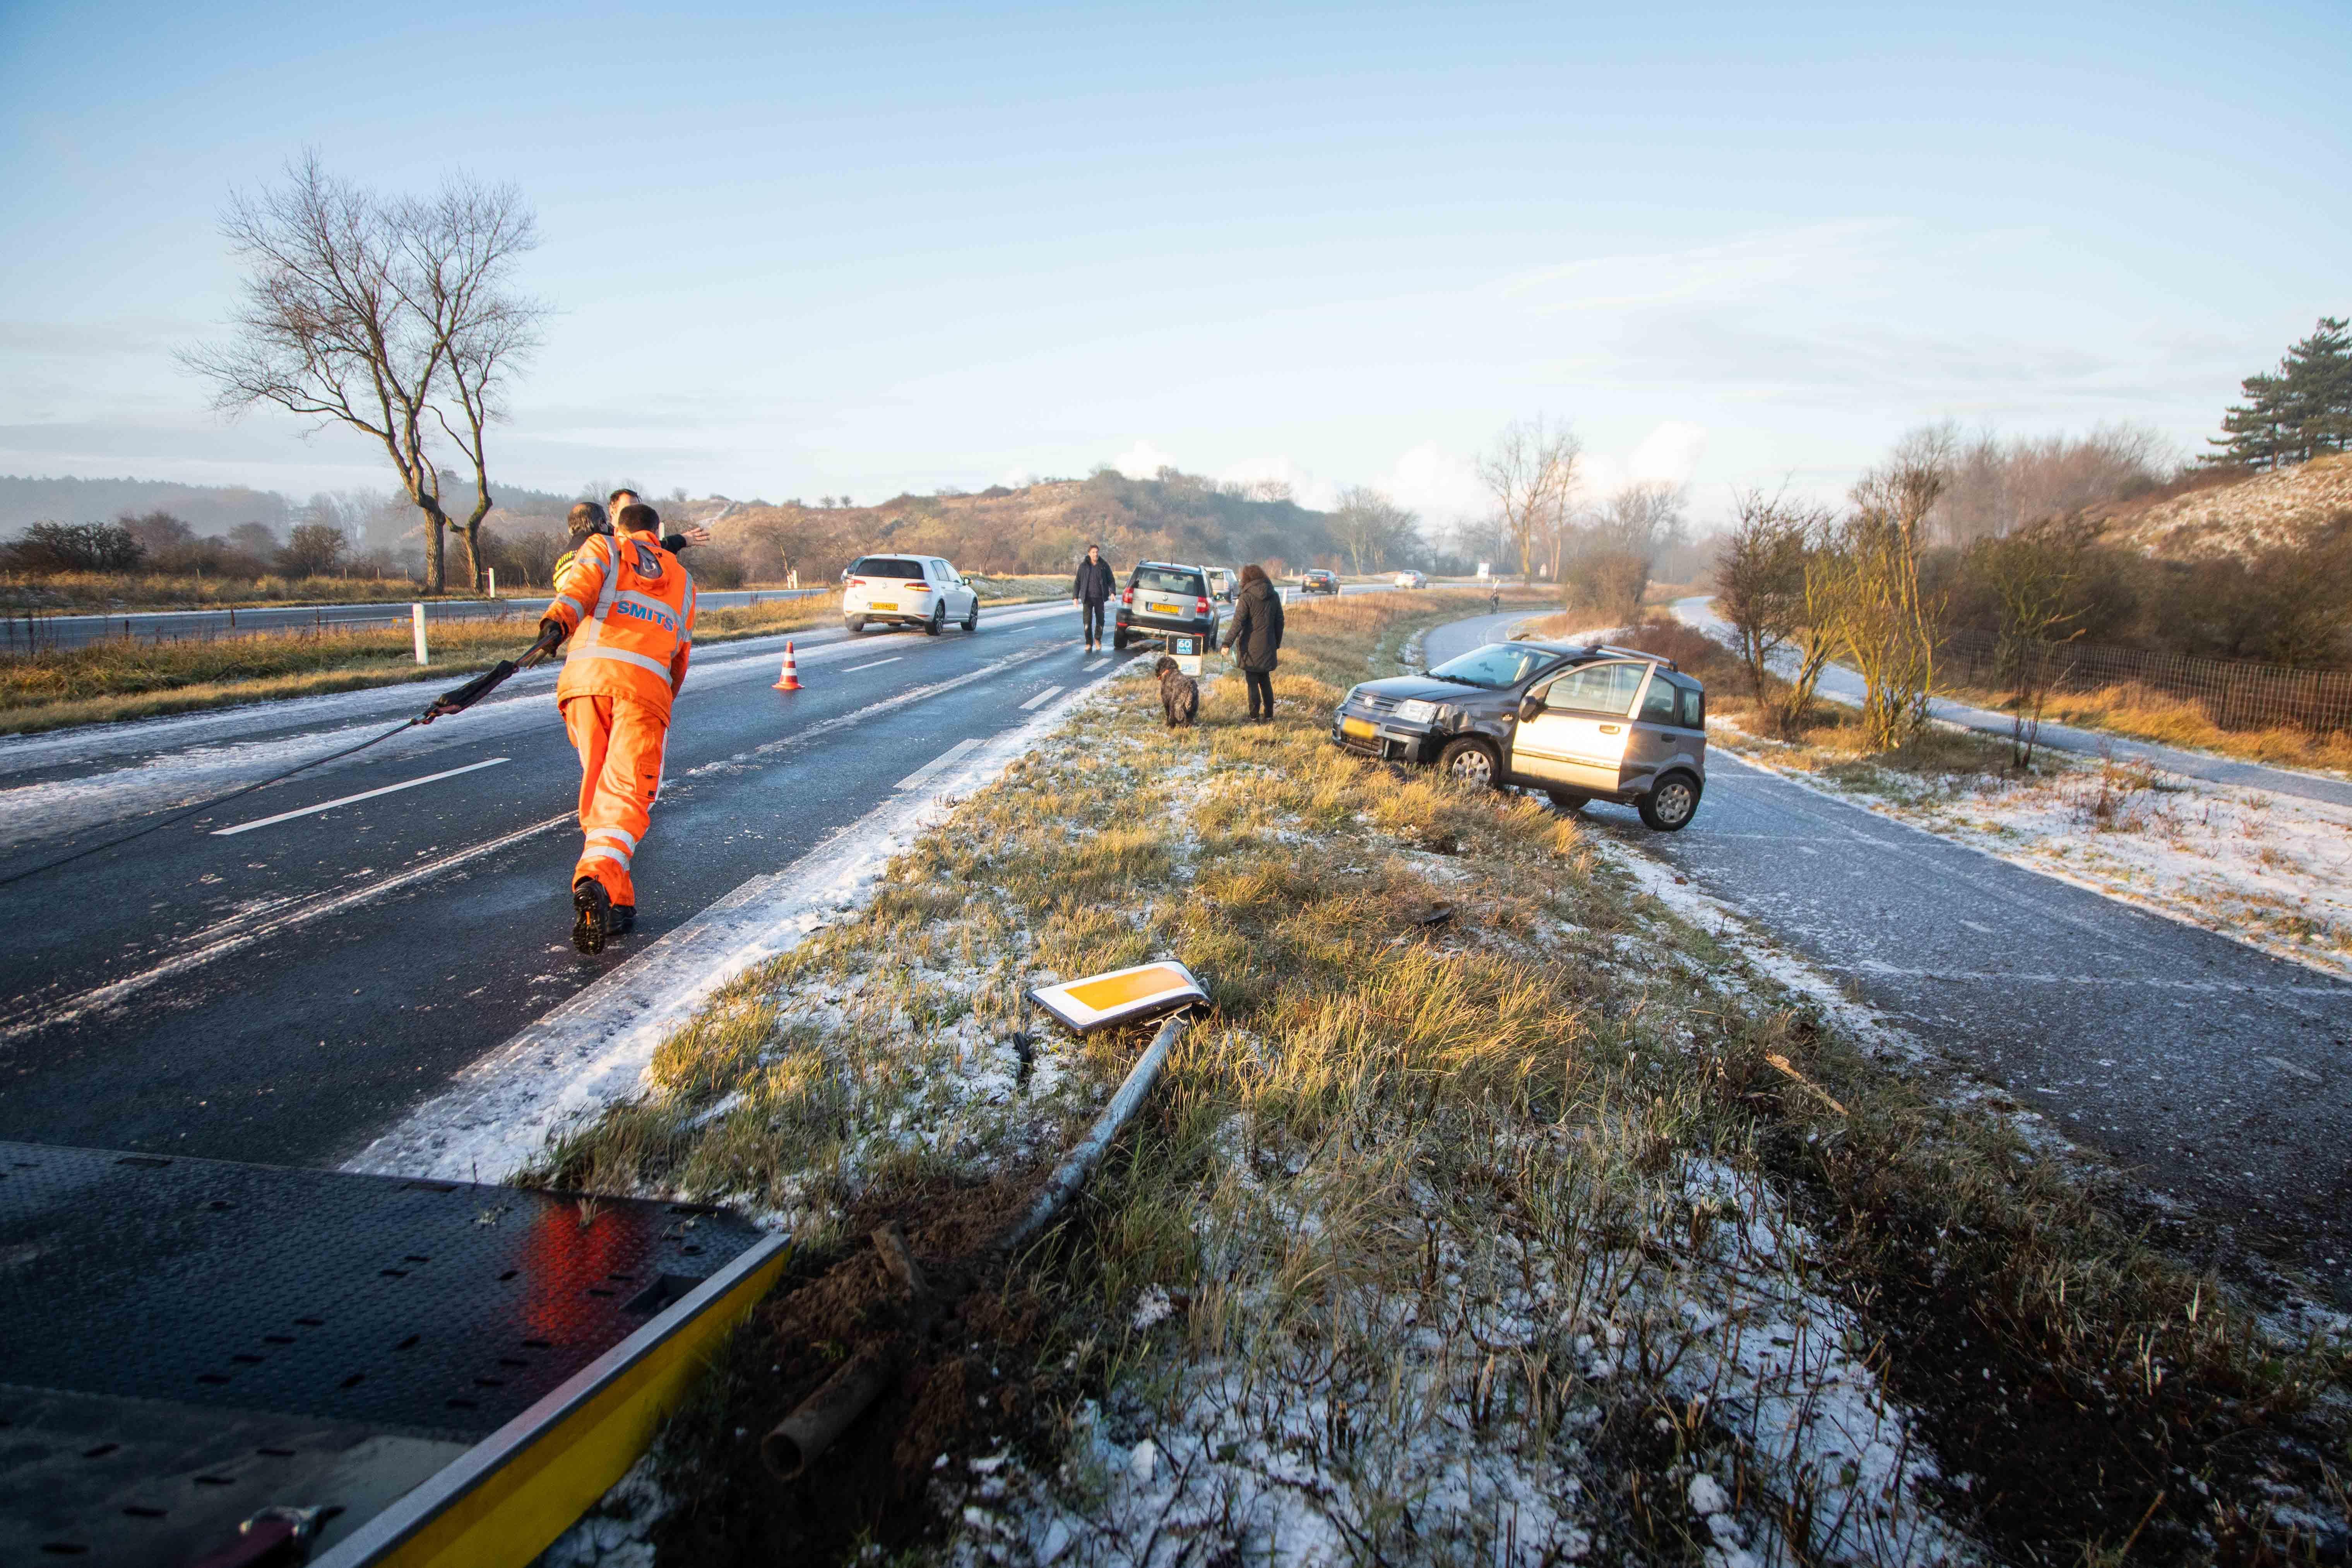 Gladheid zorgt voor ongelukken op de N200 in Overveen